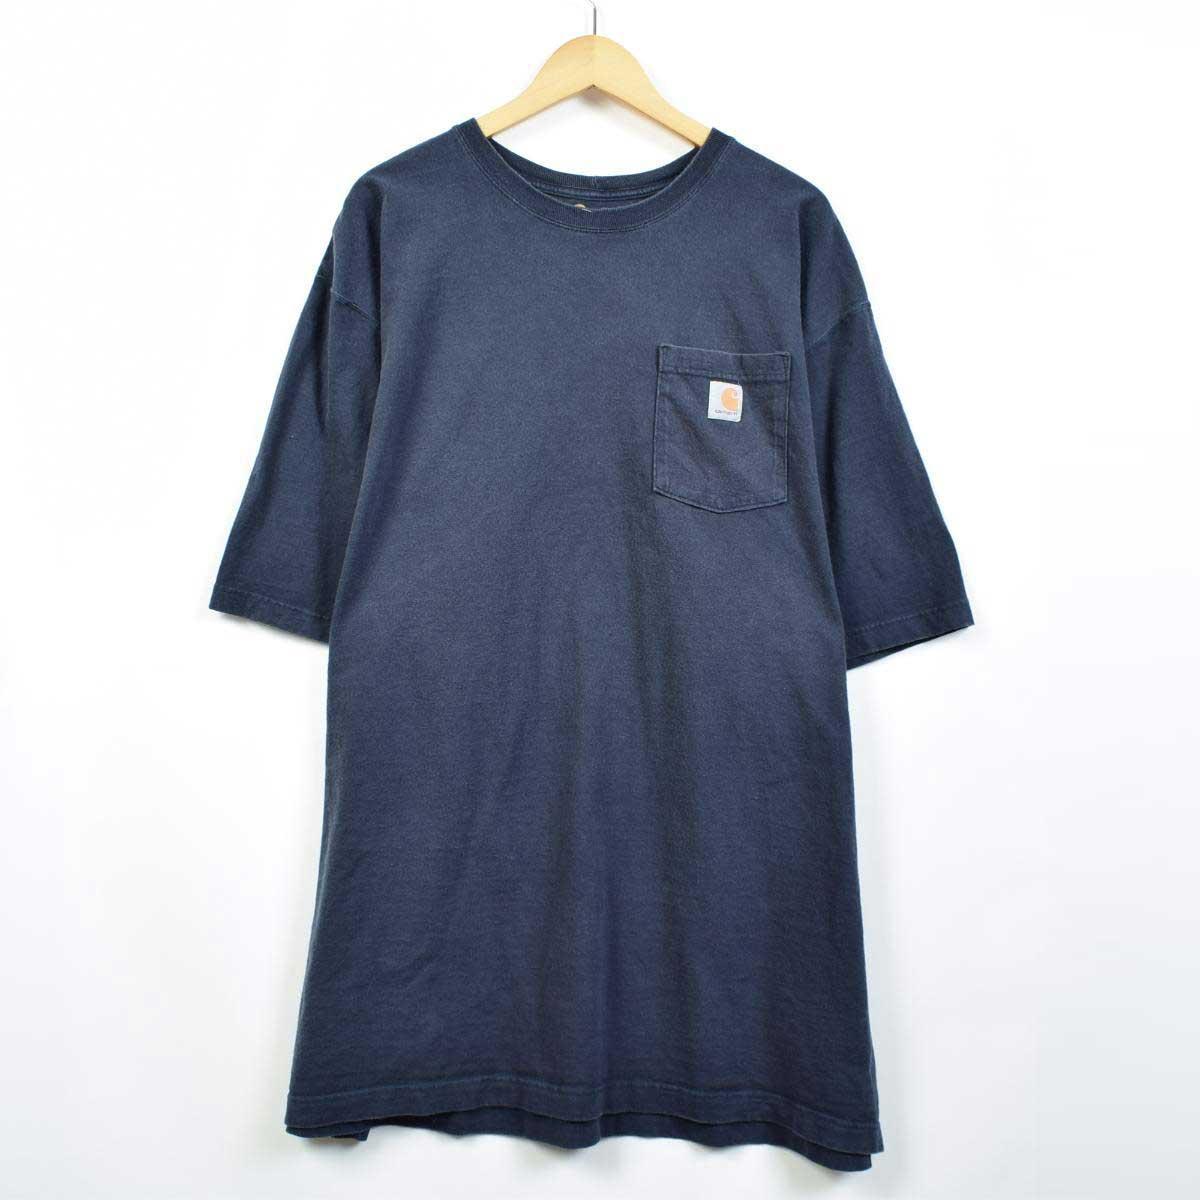 トップス, Tシャツ・カットソー  Carhartt ORIGINAL FIT T XXXXL eaa030437 200514